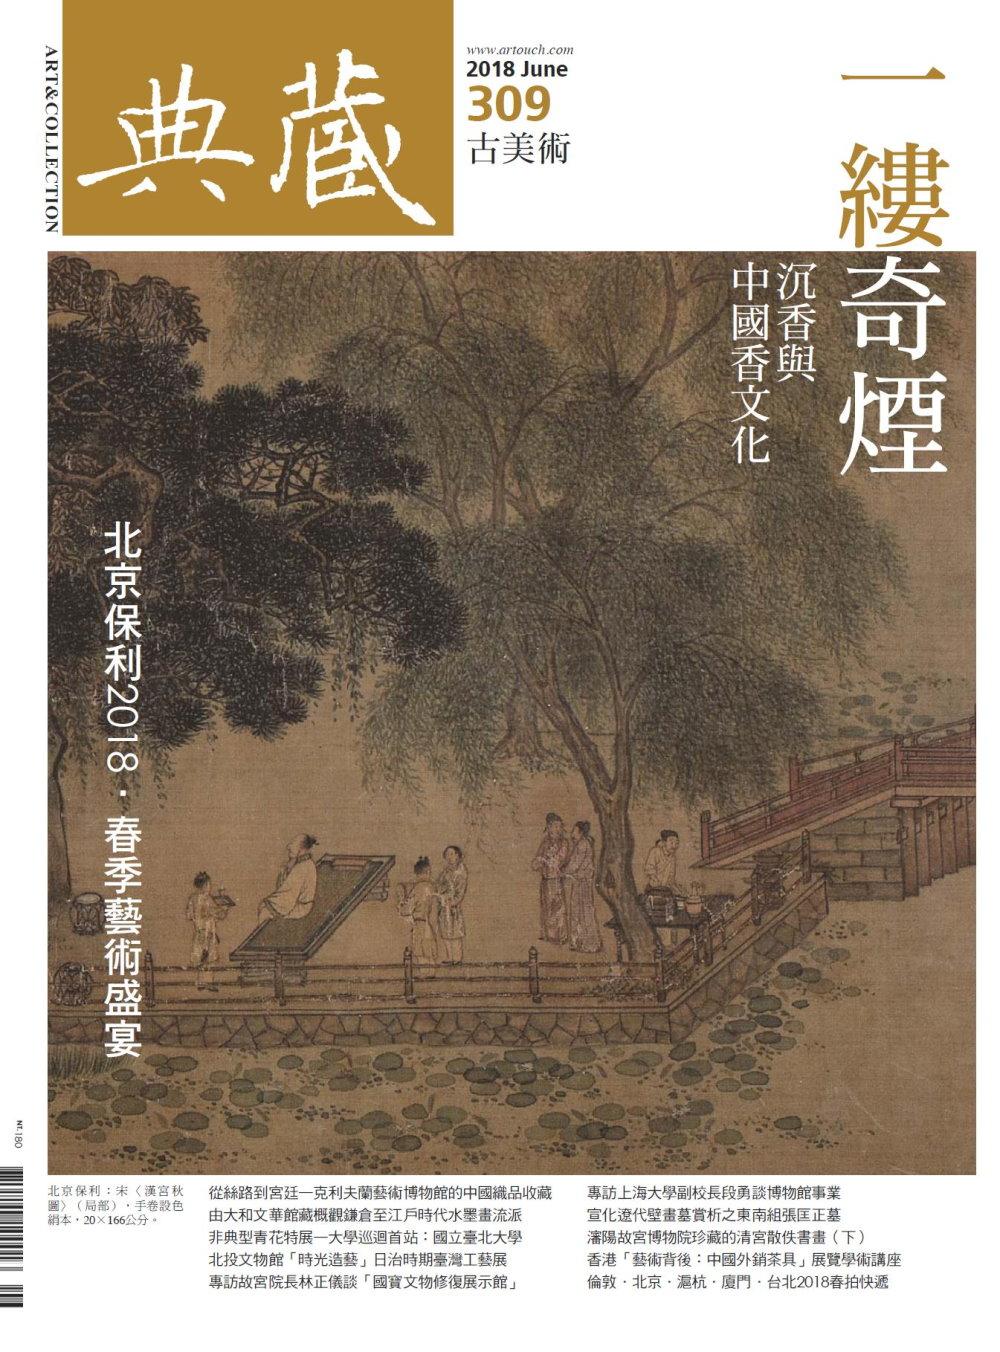 典藏古美術 6月號/2018 第309期